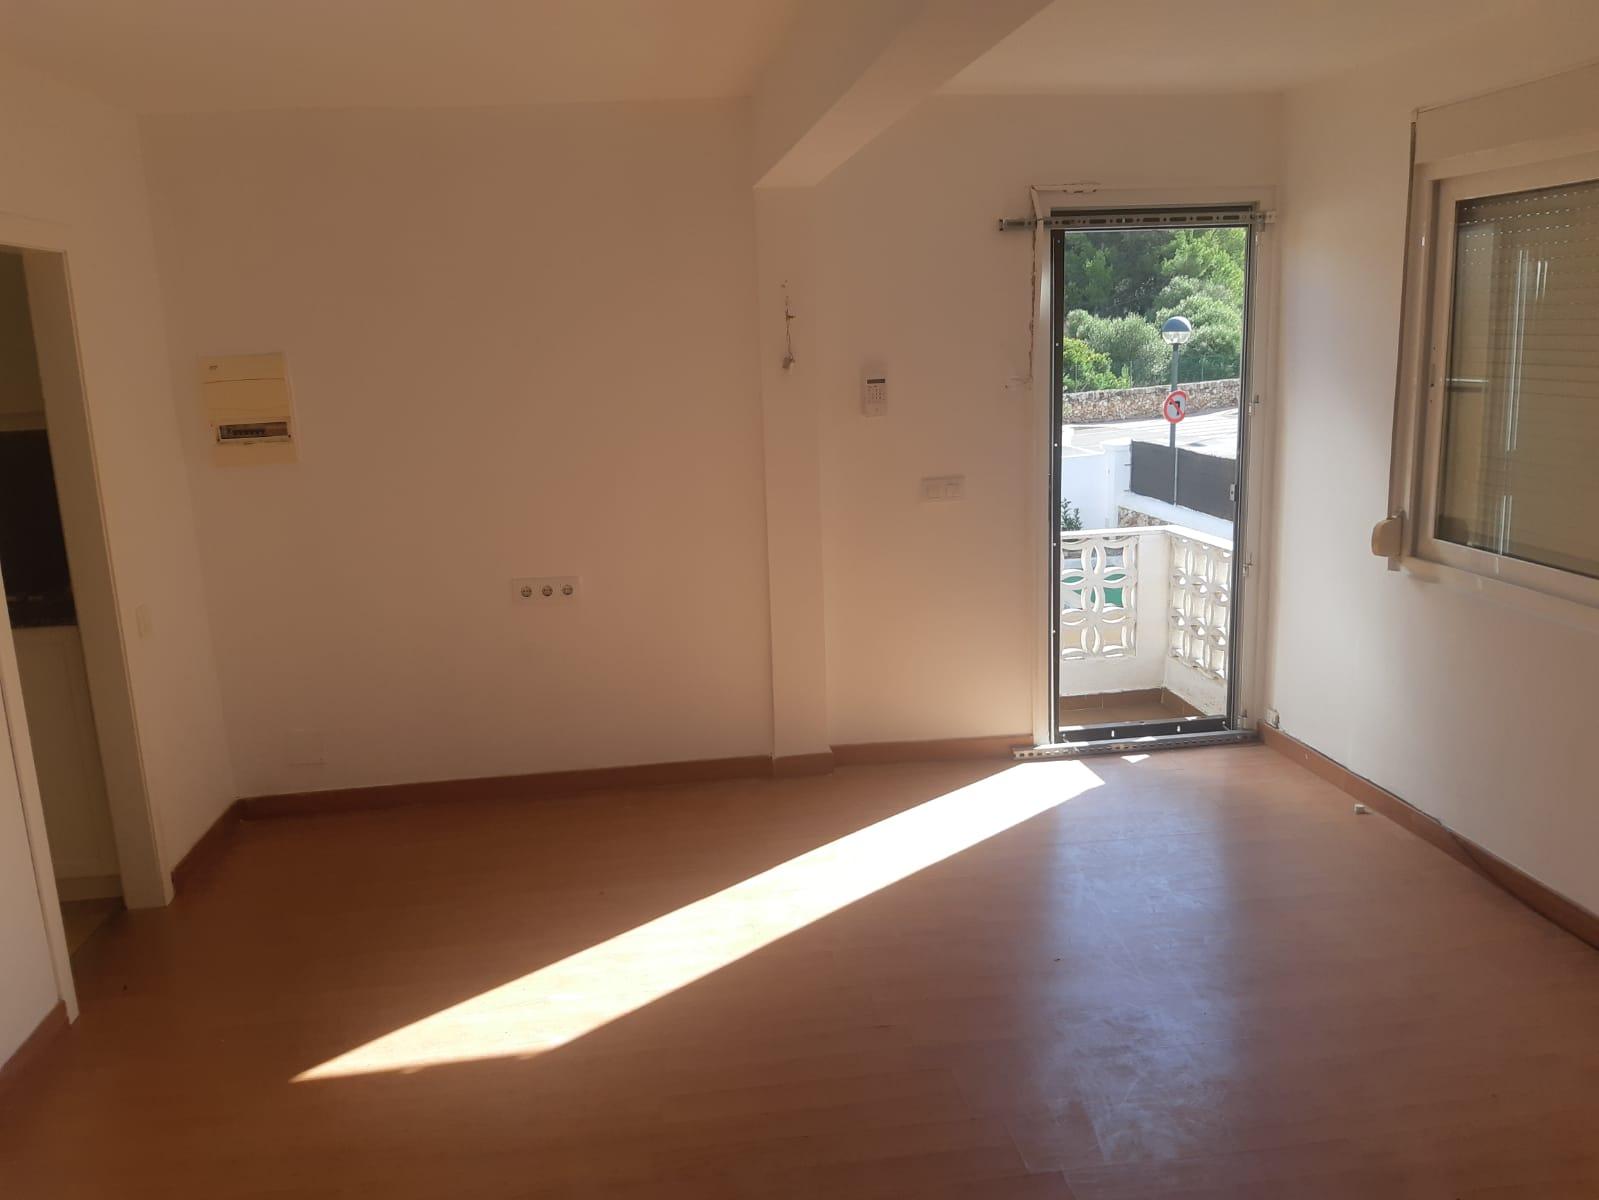 Piso en venta en Ciutadella de Menorca, Baleares, Calle Des Capsigrany-son Carrio, 155.000 €, 2 habitaciones, 1 baño, 54 m2